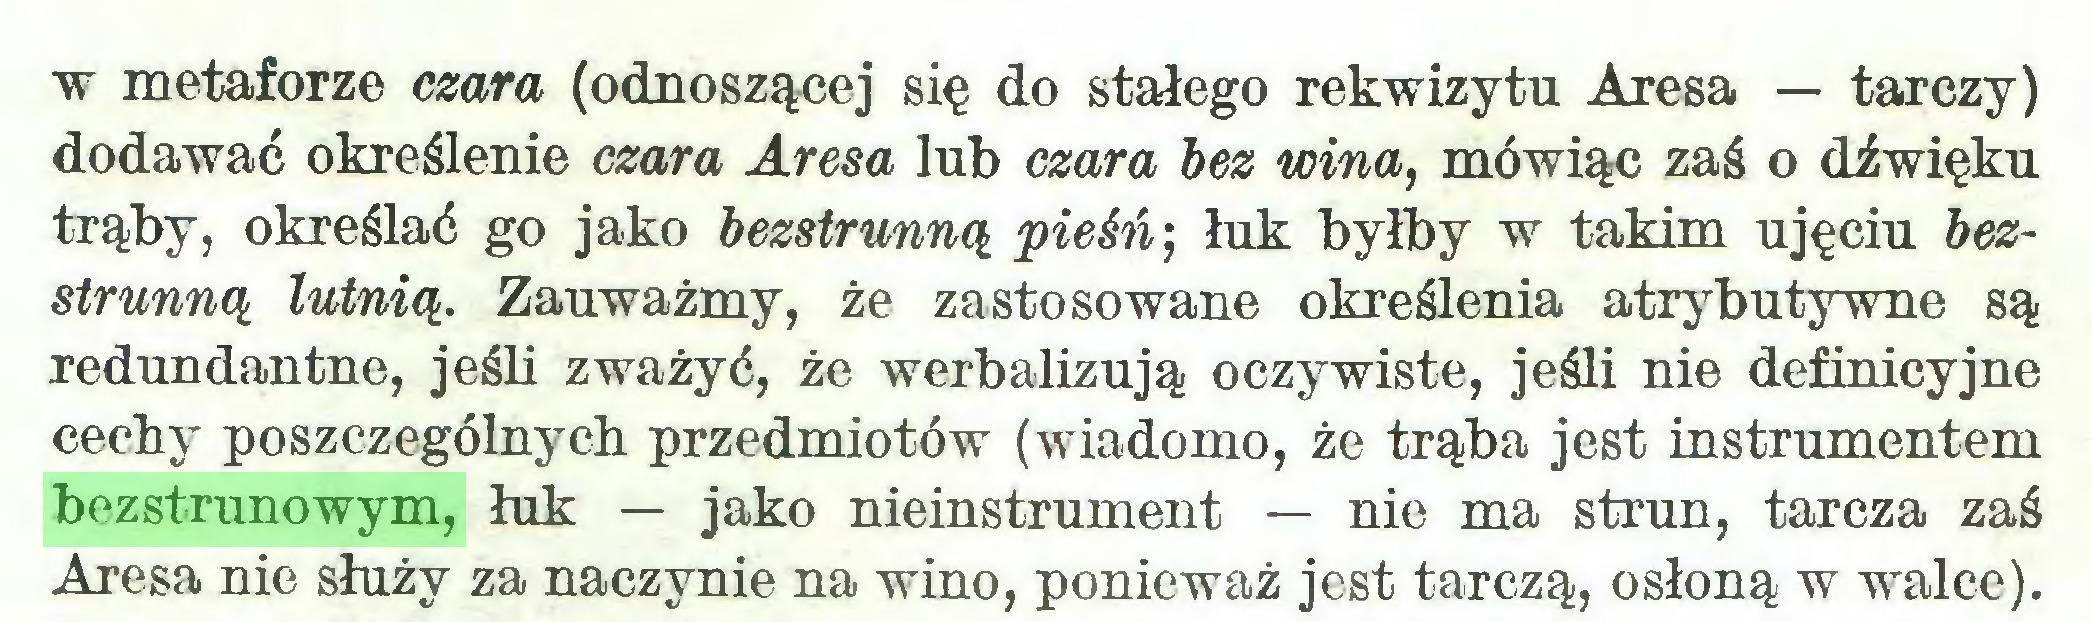 (...) w metaforze czara (odnoszącej się do stałego rekwizytu Aresa — tarczy) dodawać określenie czara Aresa lub czara bez wina, mówiąc zaś o dźwięku trąby, określać go jako bezstrunną pieśń) łuk byłby w takim ujęciu bezstrunną lutnią. Zauważmy, że zastosowane określenia atrybutywne są redundantne, jeśli zważyć, że werbalizują oczywiste, jeśli nie definicyjne cechy poszczególnych przedmiotów (wiadomo, że trąba jest instrumentem bezstrunowym, łuk — jako nieinstrument — nie ma strun, tarcza zaś Aresa nie służy za naczynie na wino, ponieważ jest tarczą, osłoną w walce)...